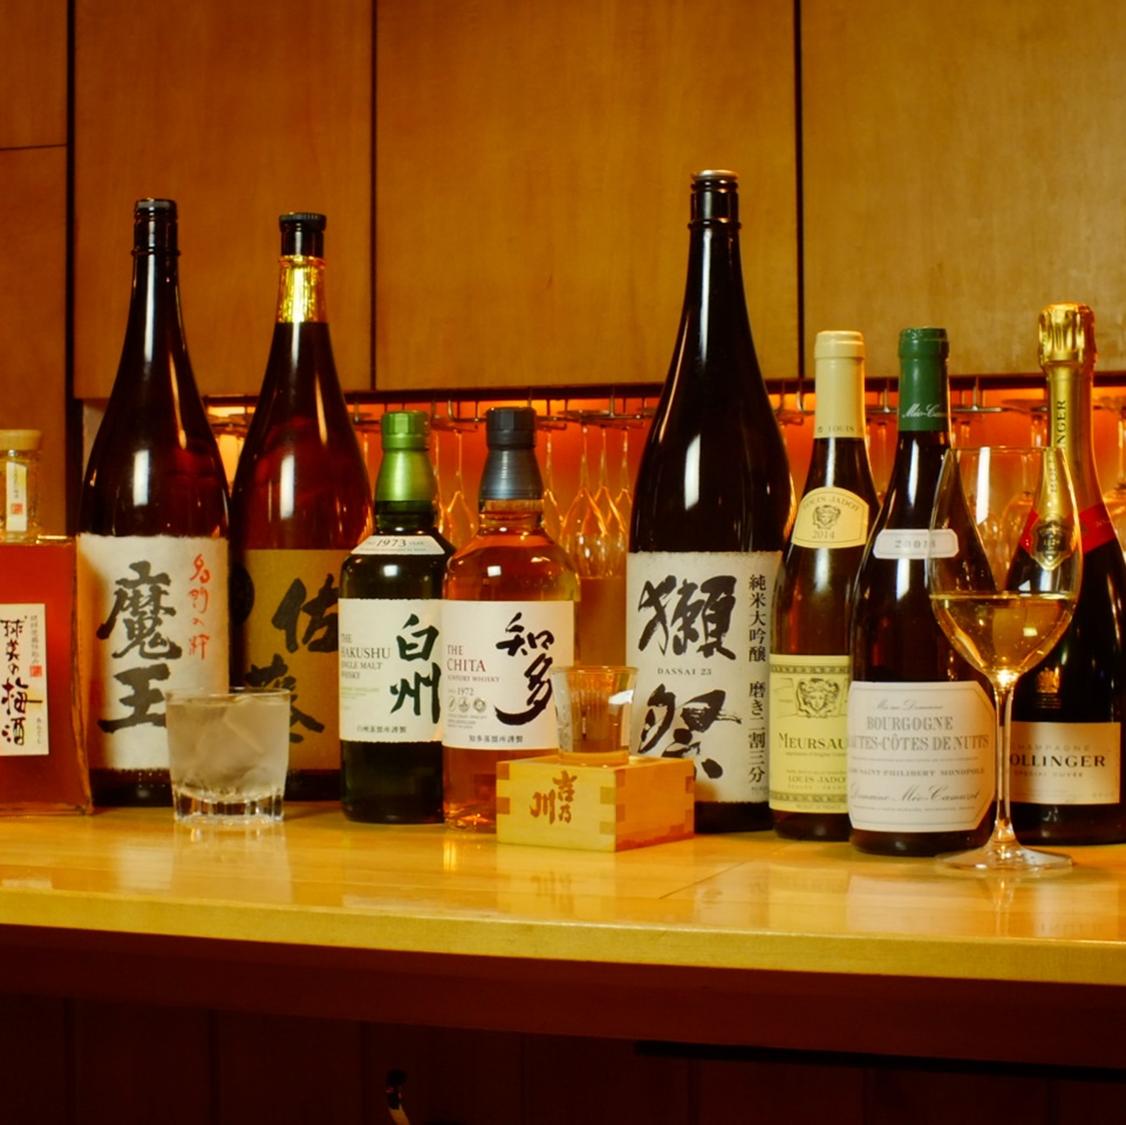 【バイヤーが選ぶワインを提供】